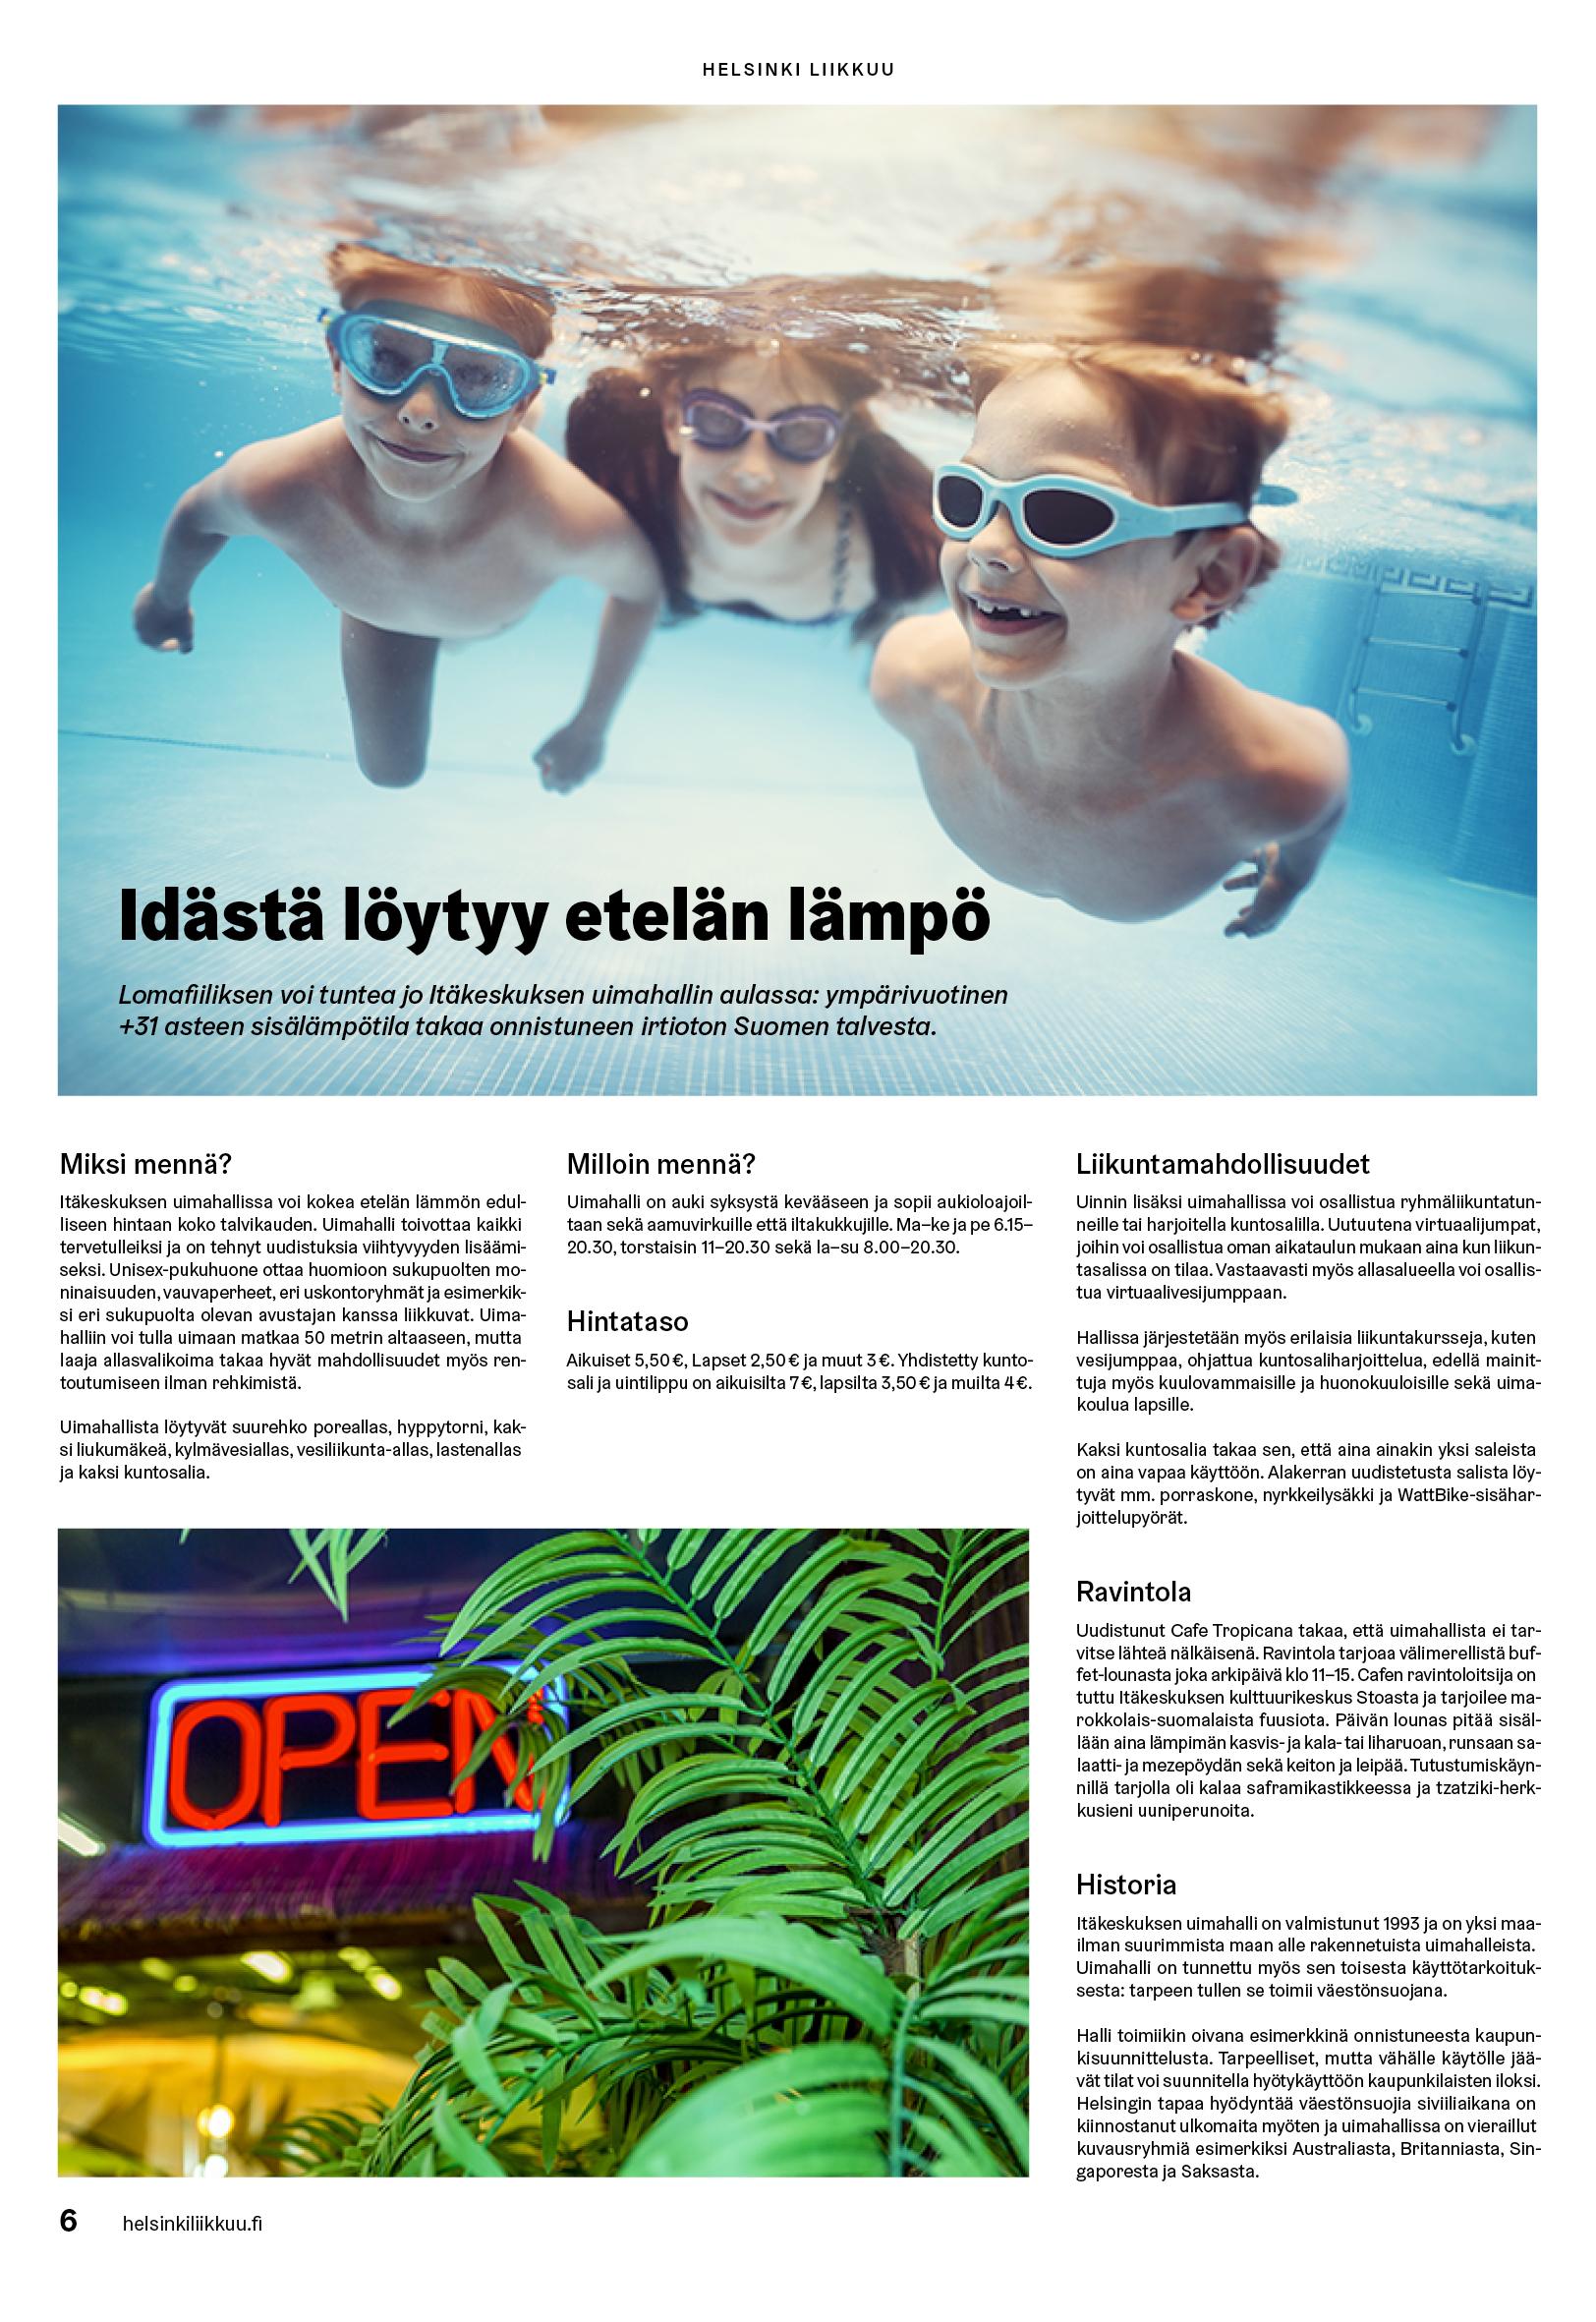 Helsingin_Uutiset_liikuntapalveluiden_kevatesite_2020_netti_sivuittain_150ppi6